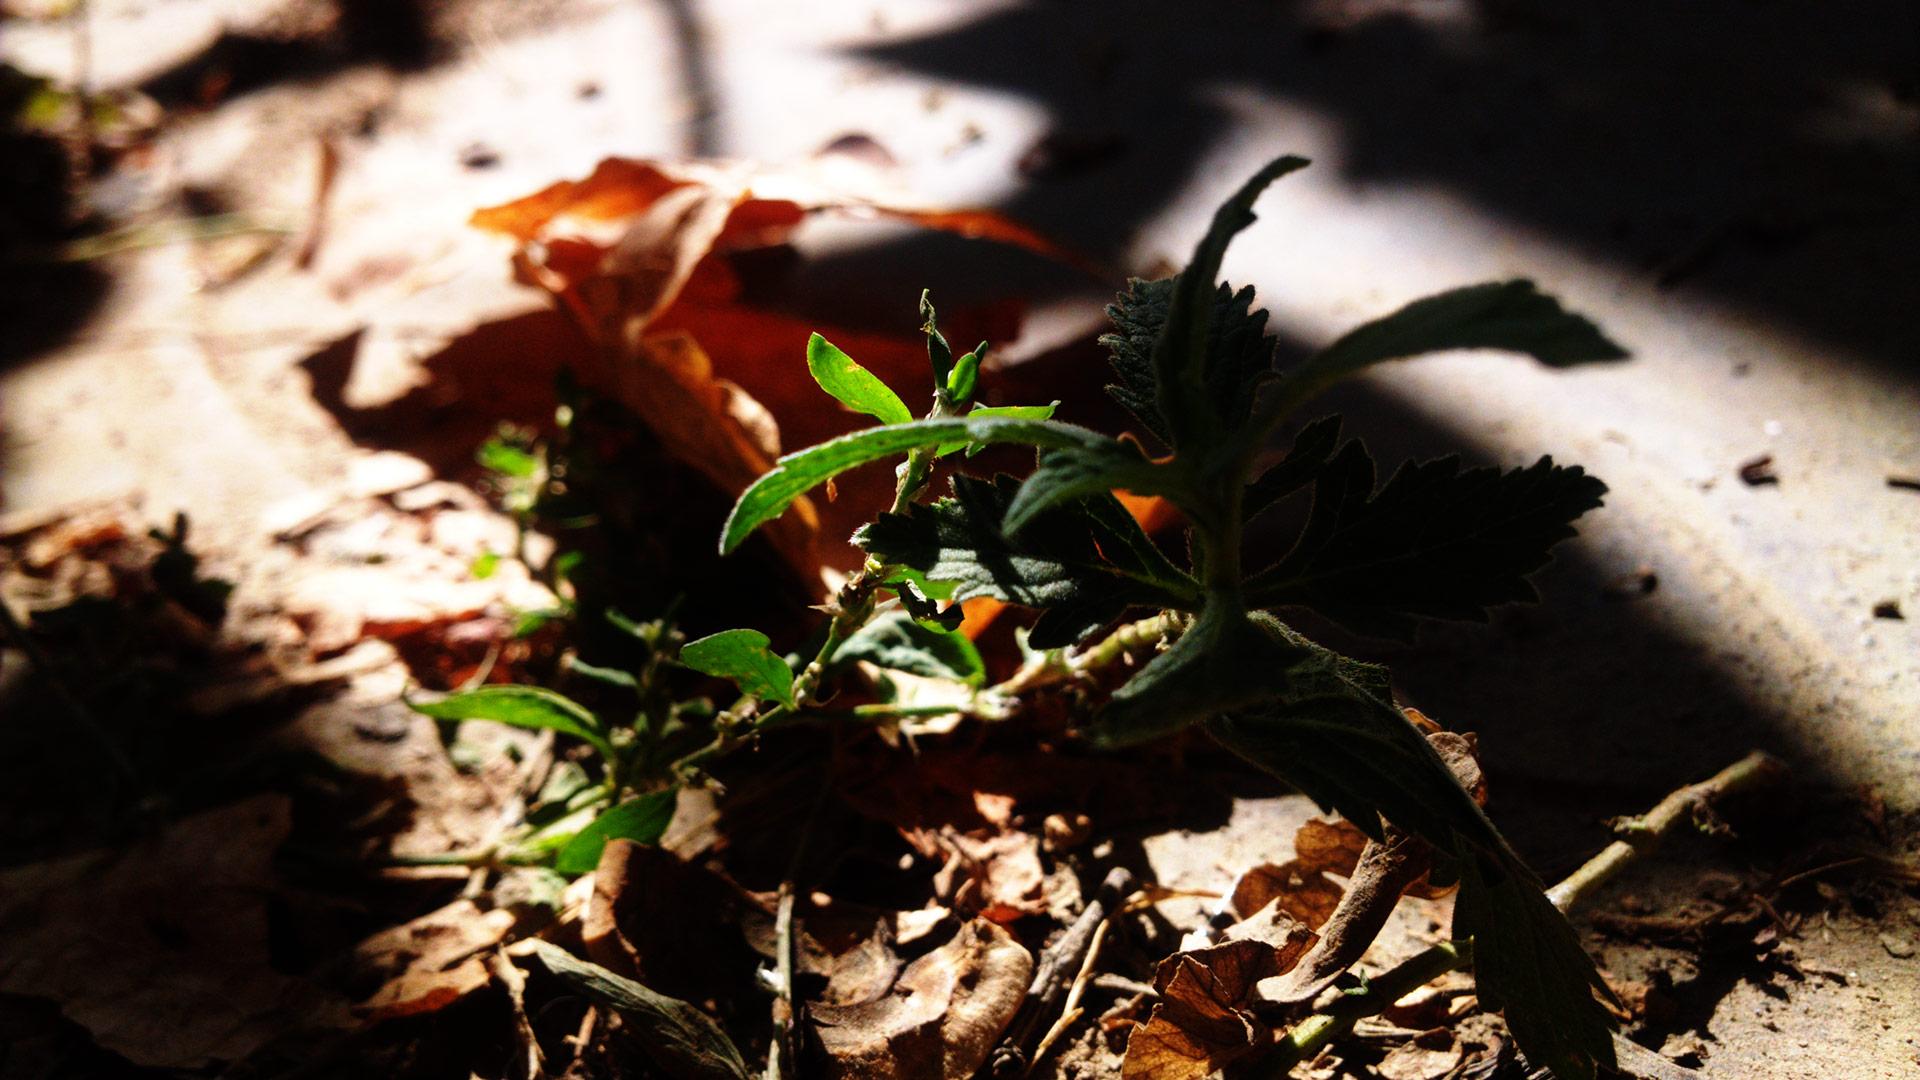 Макро мир - растение и муравьи